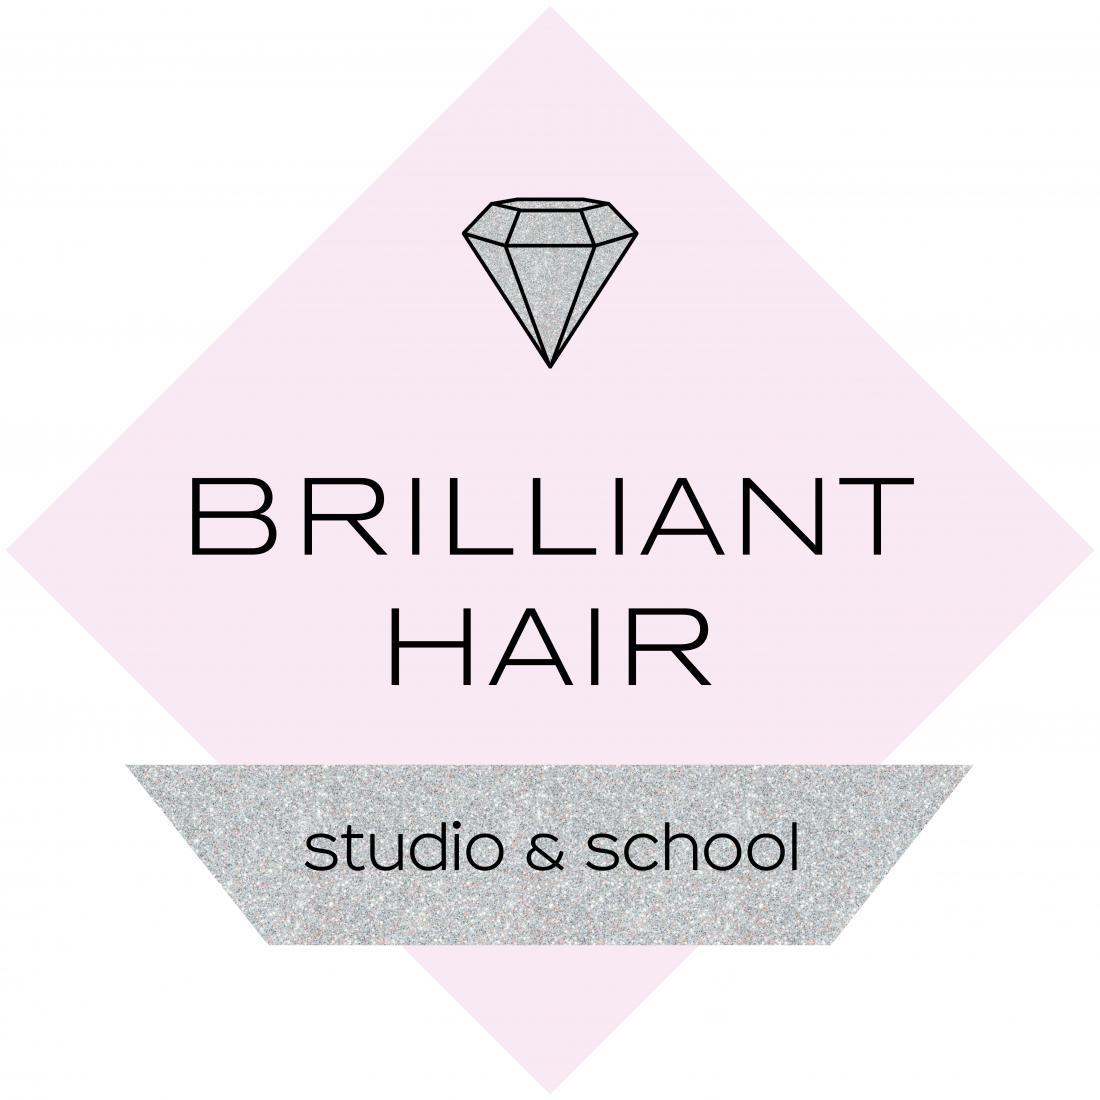 """Сложное окрашивание, выход из темного, 4-D протезирование, афролоконы, женская стрижка от 20 руб. в студии идеальных волос """"Brilliant Hair"""""""